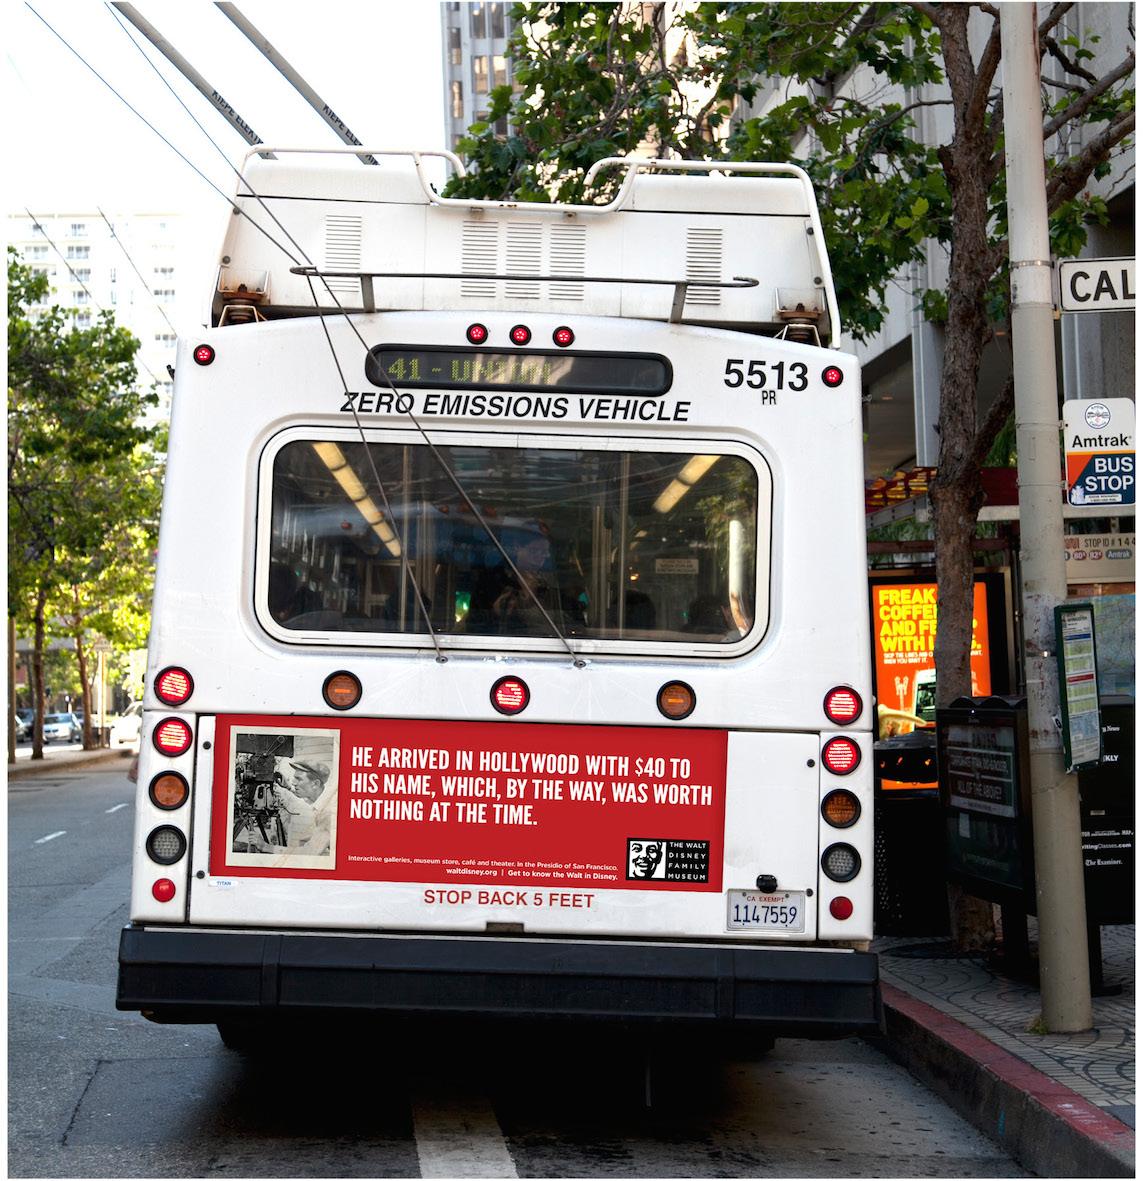 004-bus